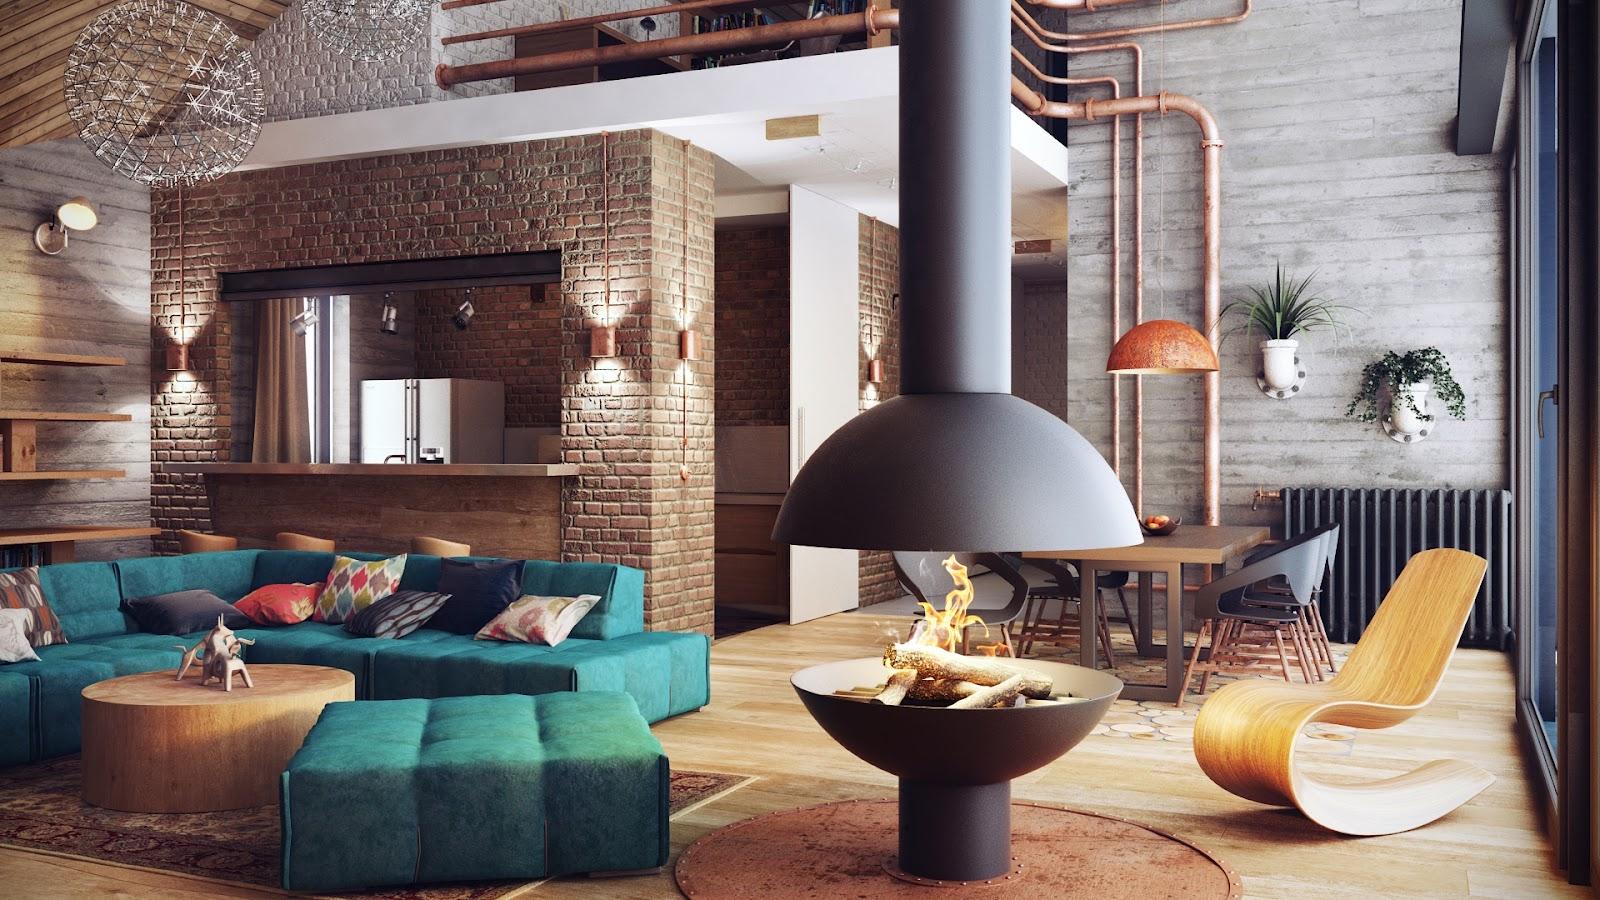 Проект в стиле лофт прекрасно подойдет загородному дому, куда по выходным вы сможете ездить отдыхать от городской суеты